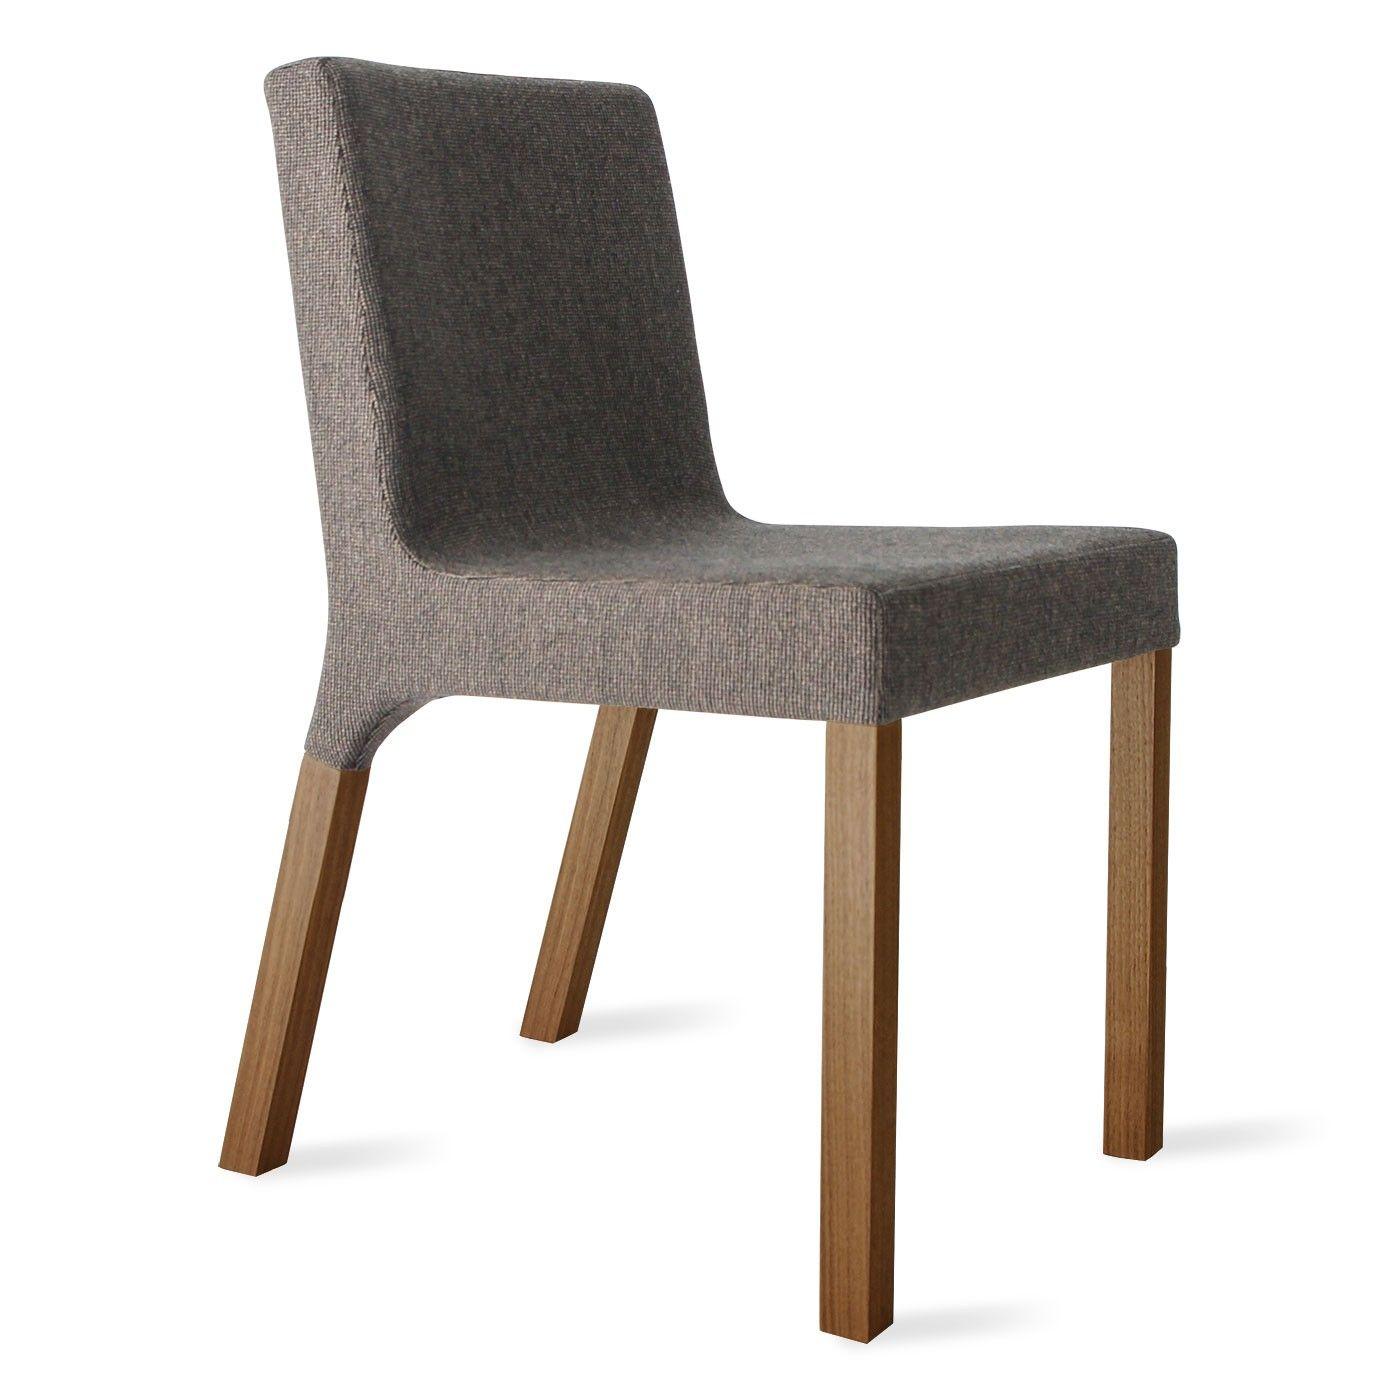 Knicker modern chair modern chair sale blu dot outlet jakeus